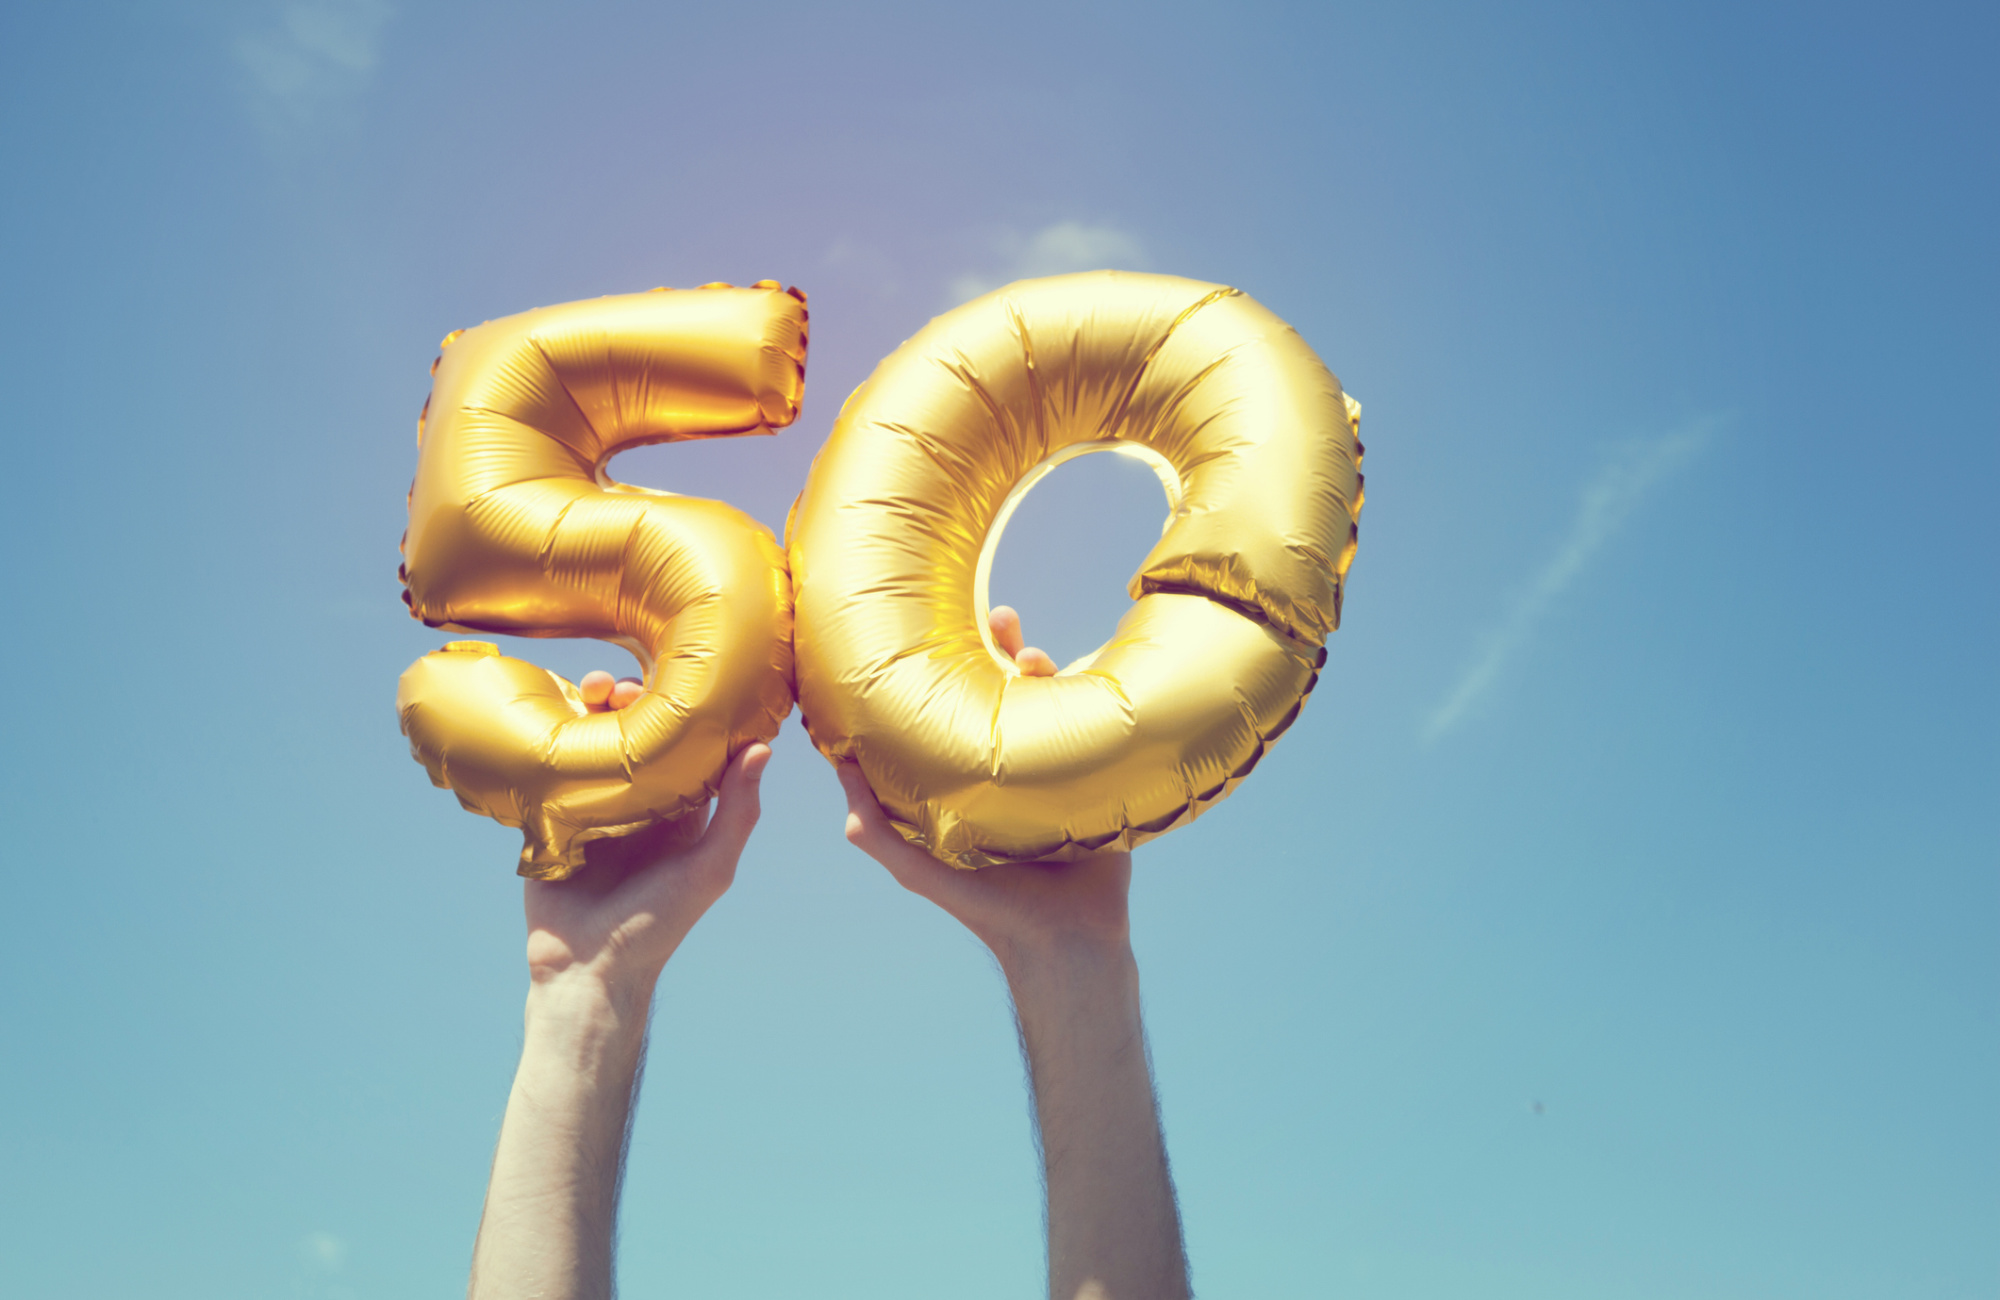 Geburtstag lustige sprüche ideen 50 Sprüche Geburtstag